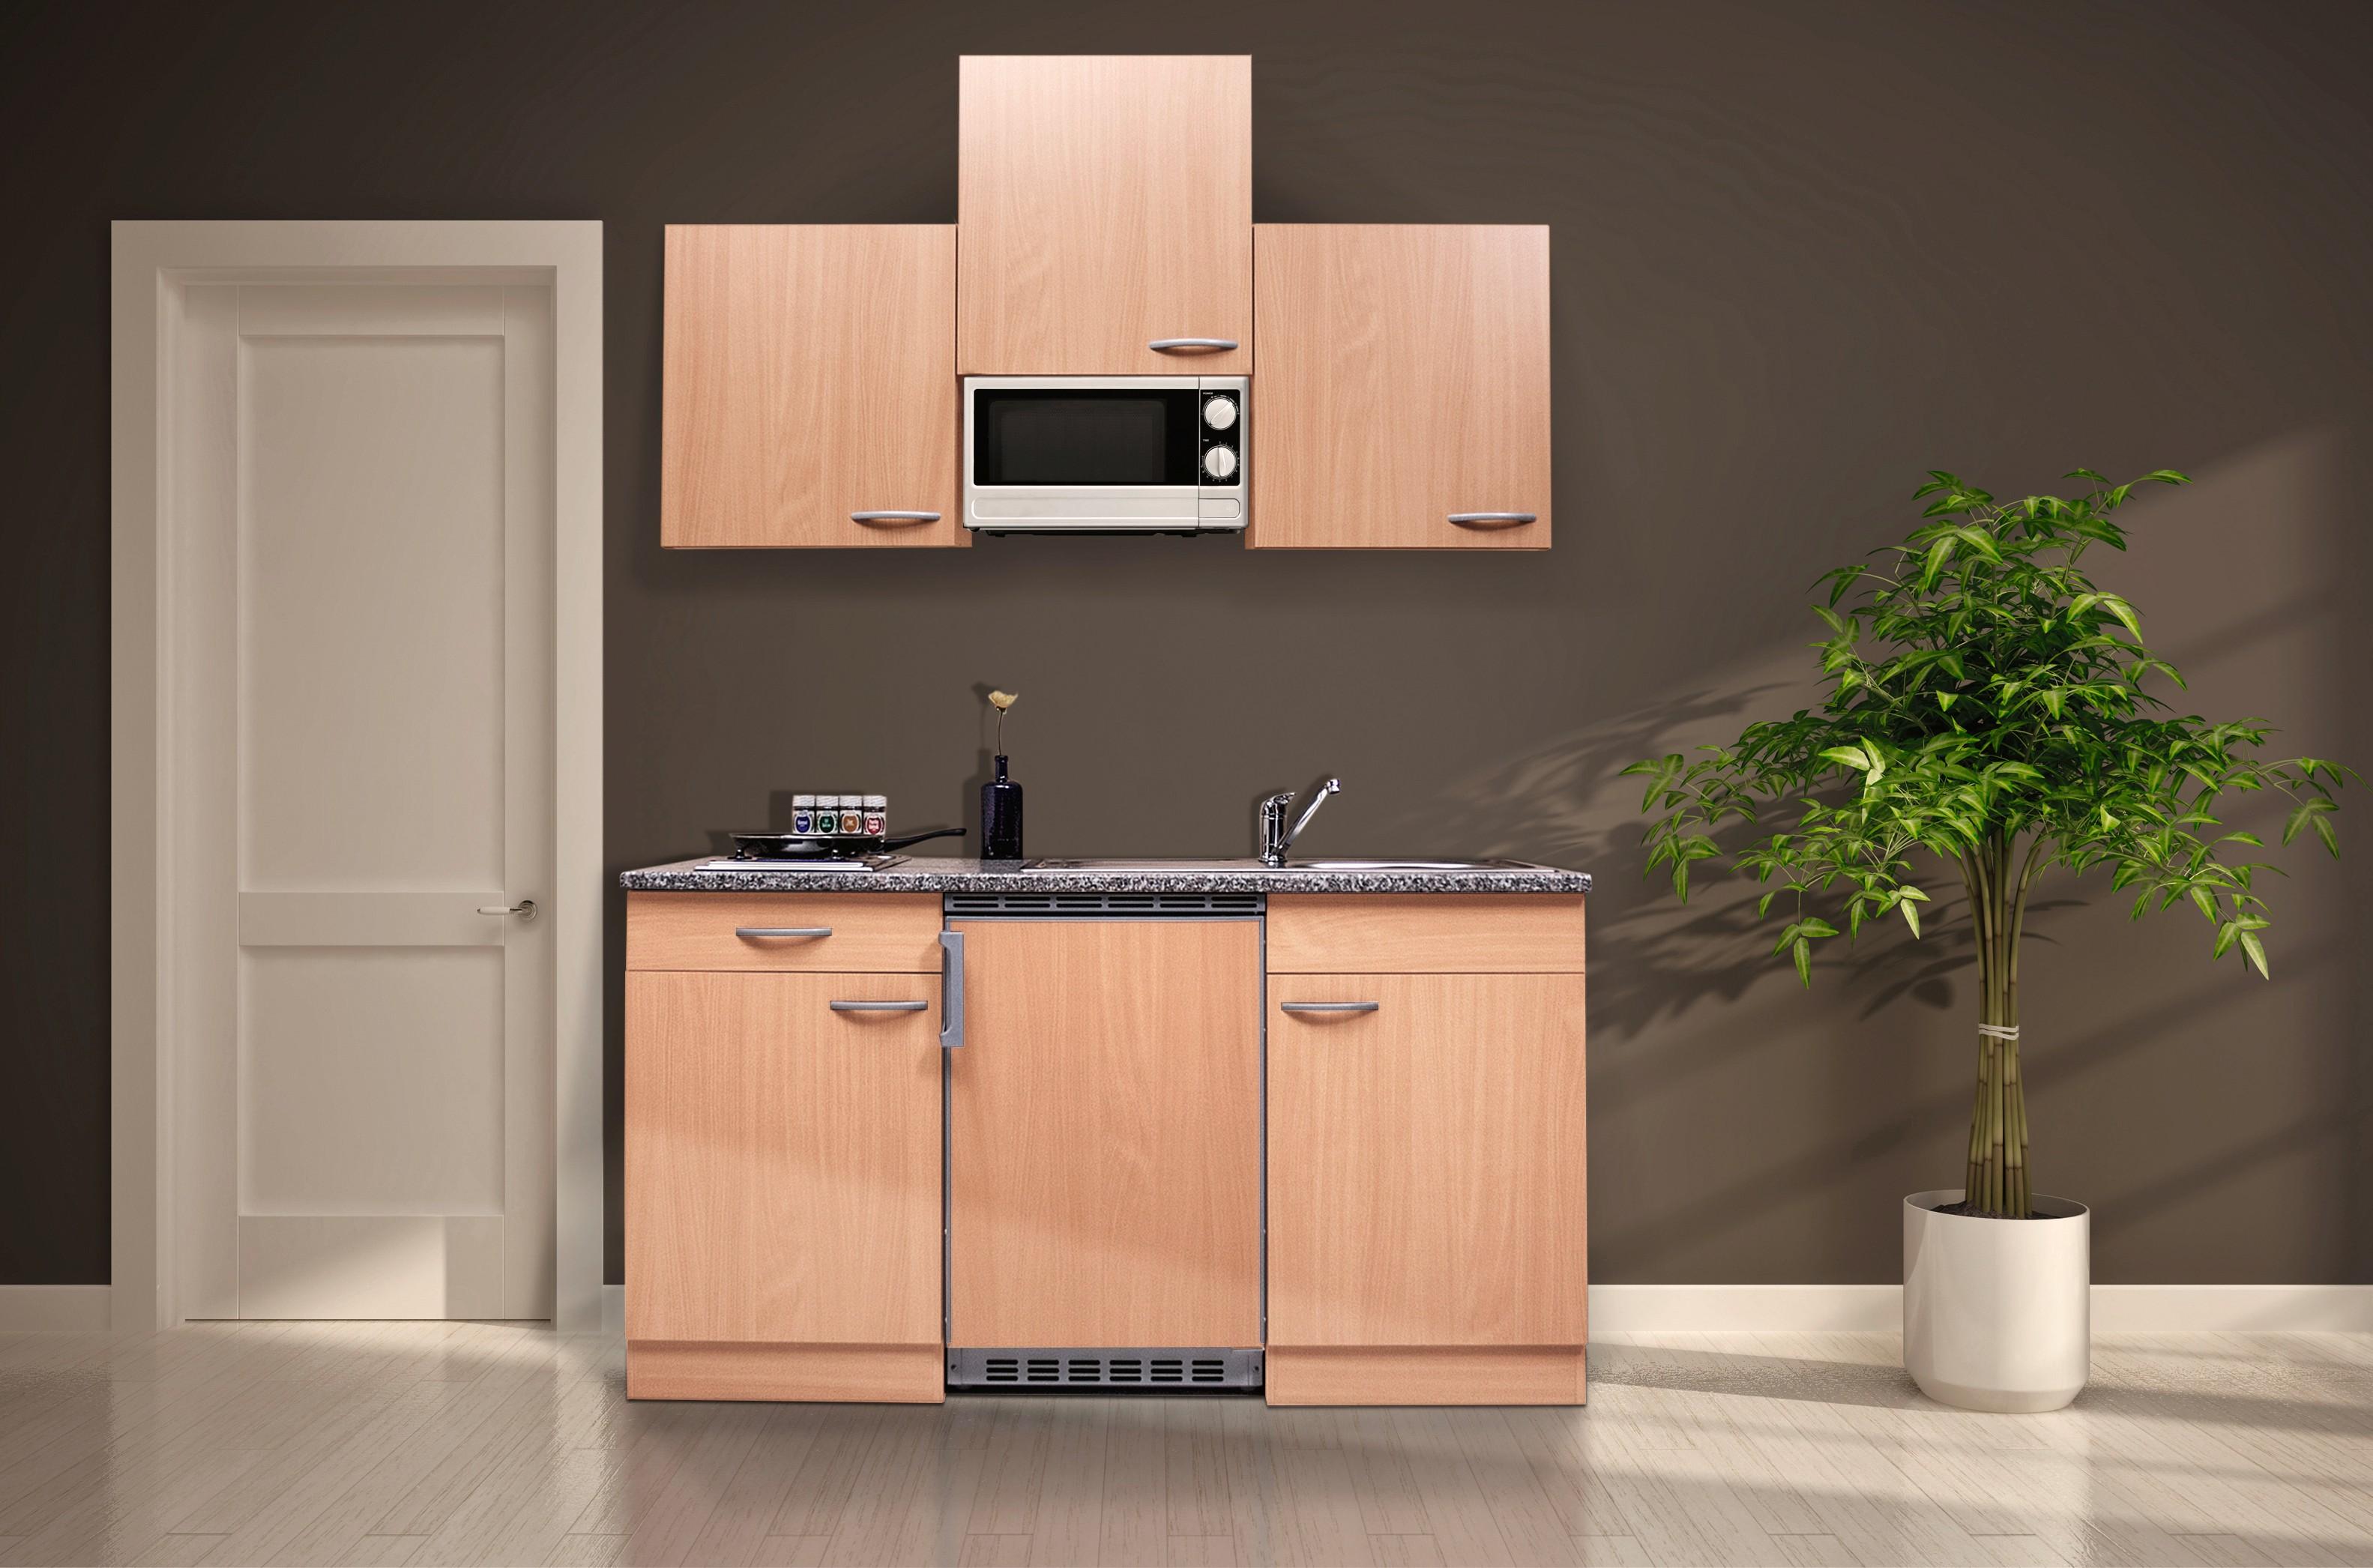 respekta Miniküche Küche Singleküche Küchenzeile Einbau Küchenblock 150 cm Buche